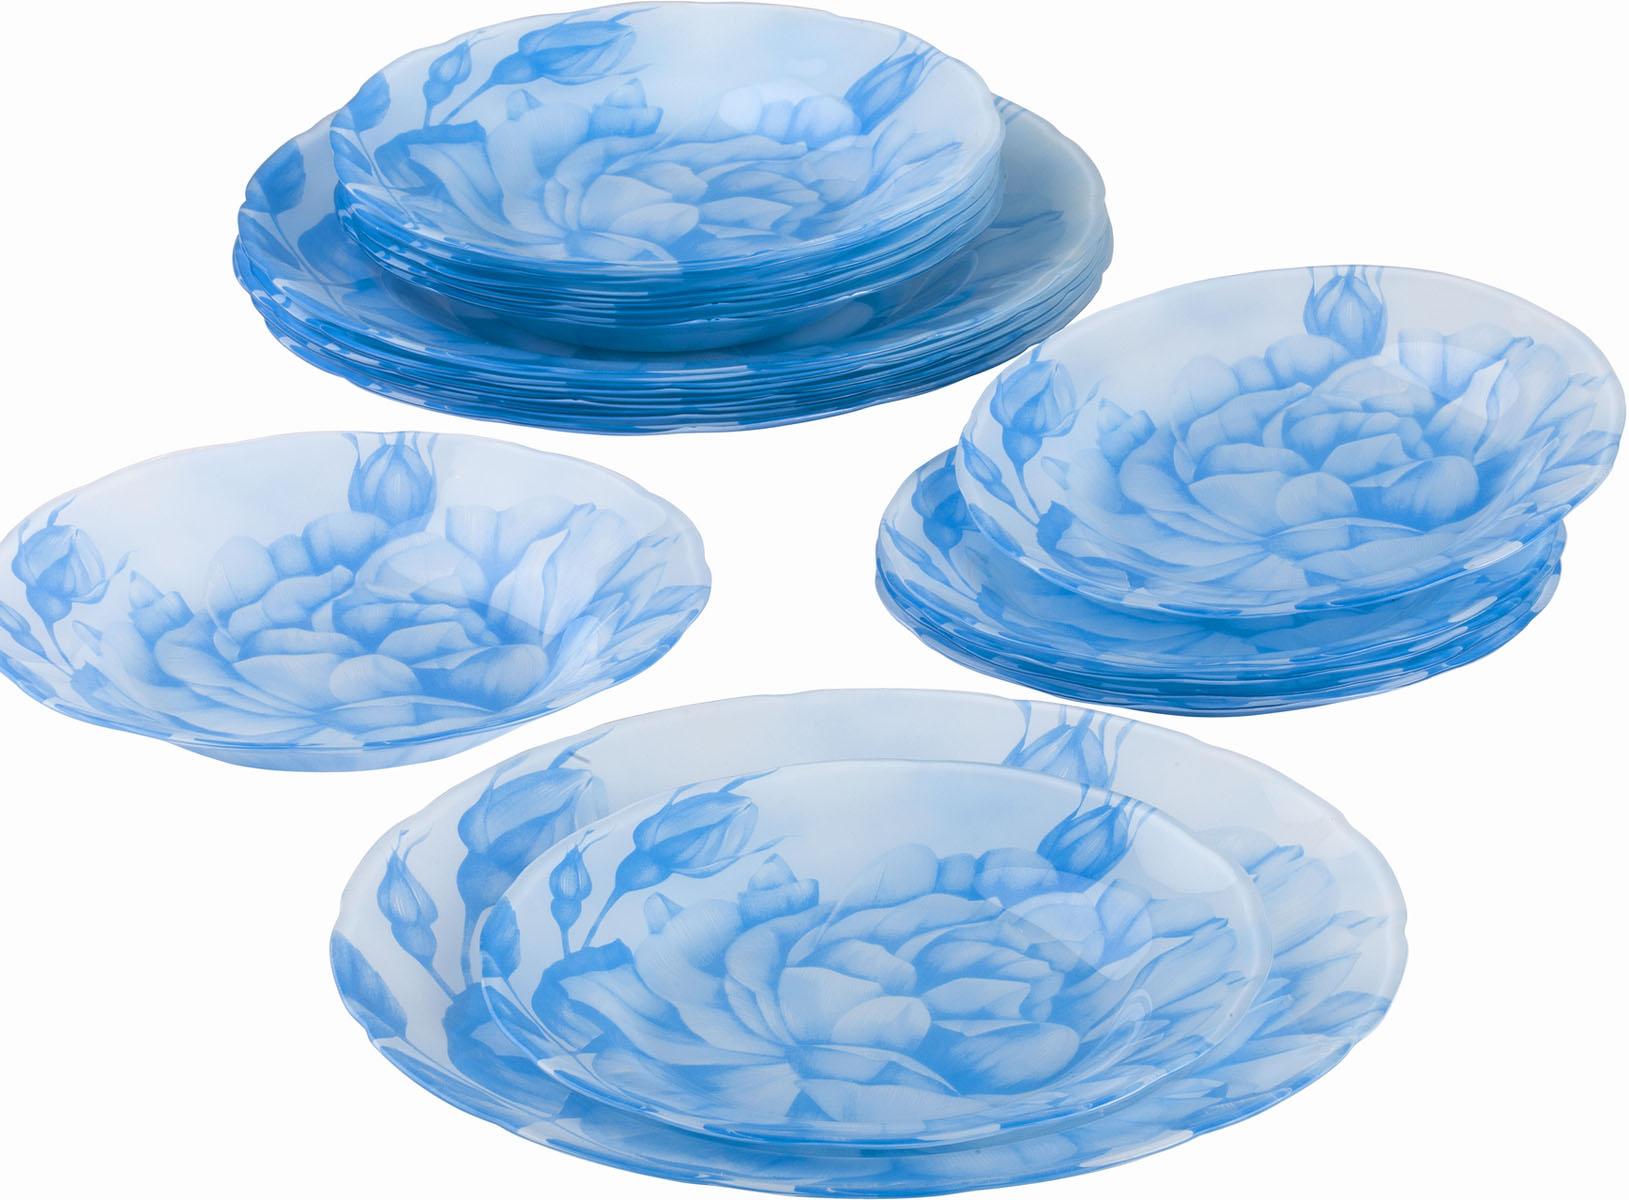 Сервиз обеденный Bekker Koch, 18 предметов. BK-9906VT-1520(SR)Обеденный сервиз Bekker Koch, изготовленный из высококачественного стекла, состоит из 6 суповых тарелок, 6 обеденных тарелок и 6 десертных тарелок. Изделия декорированы ярким изображением цветов. Такой сервиз придется по вкусу любителям классики, и тем, кто предпочитает утонченность и изысканность. Набор эффектно украсит стол к обеду, а также прекрасно подойдет для торжественных случаев.Не рекомендуется мыть в посудомоечной машине.